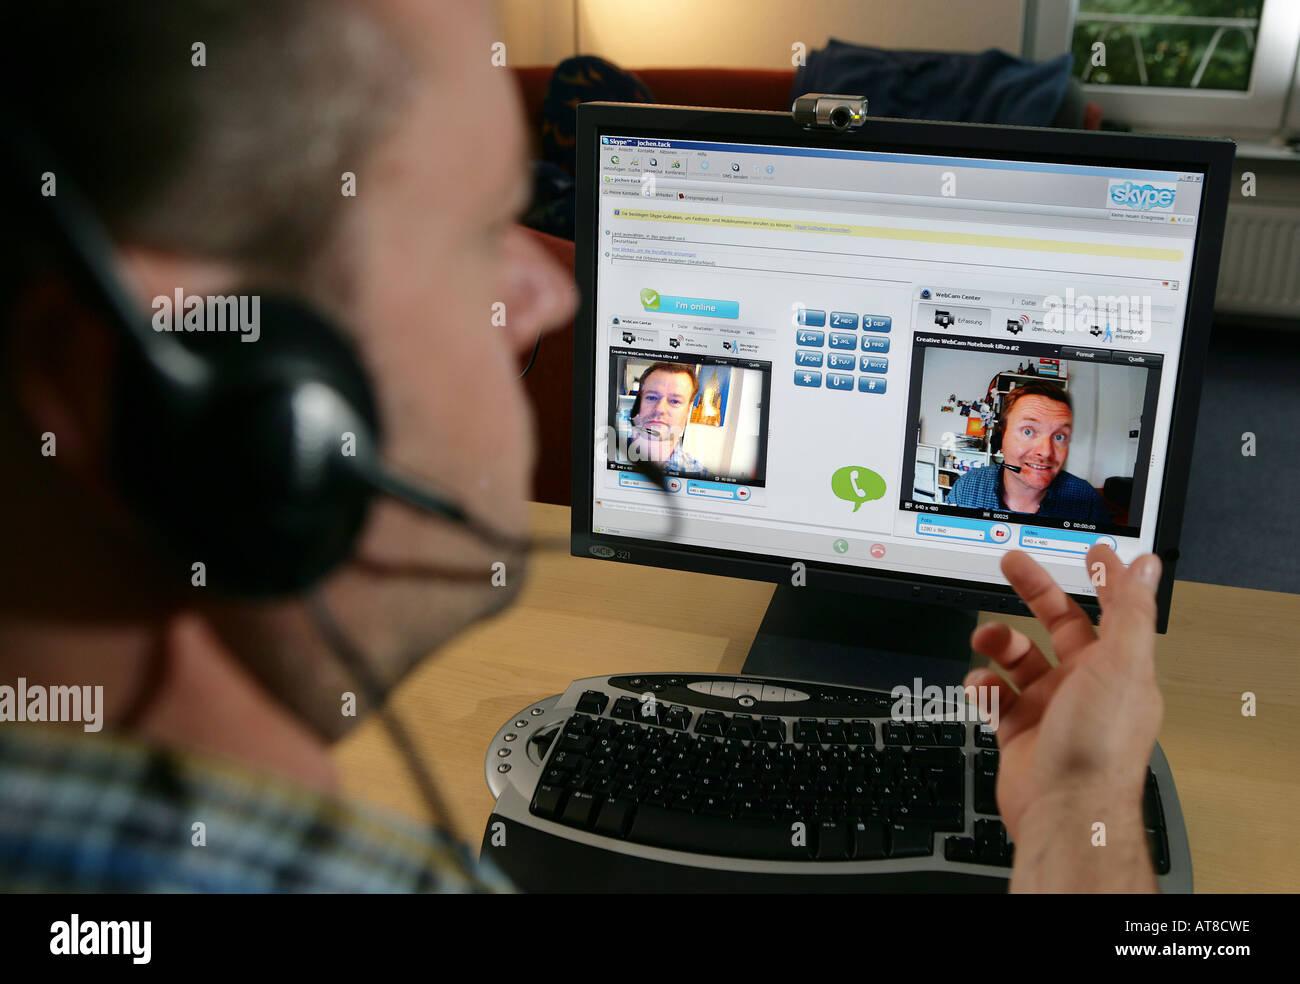 Чат для знакомств по скайпу, Вирт секс по скайпу: бесплатные знакомства по 11 фотография